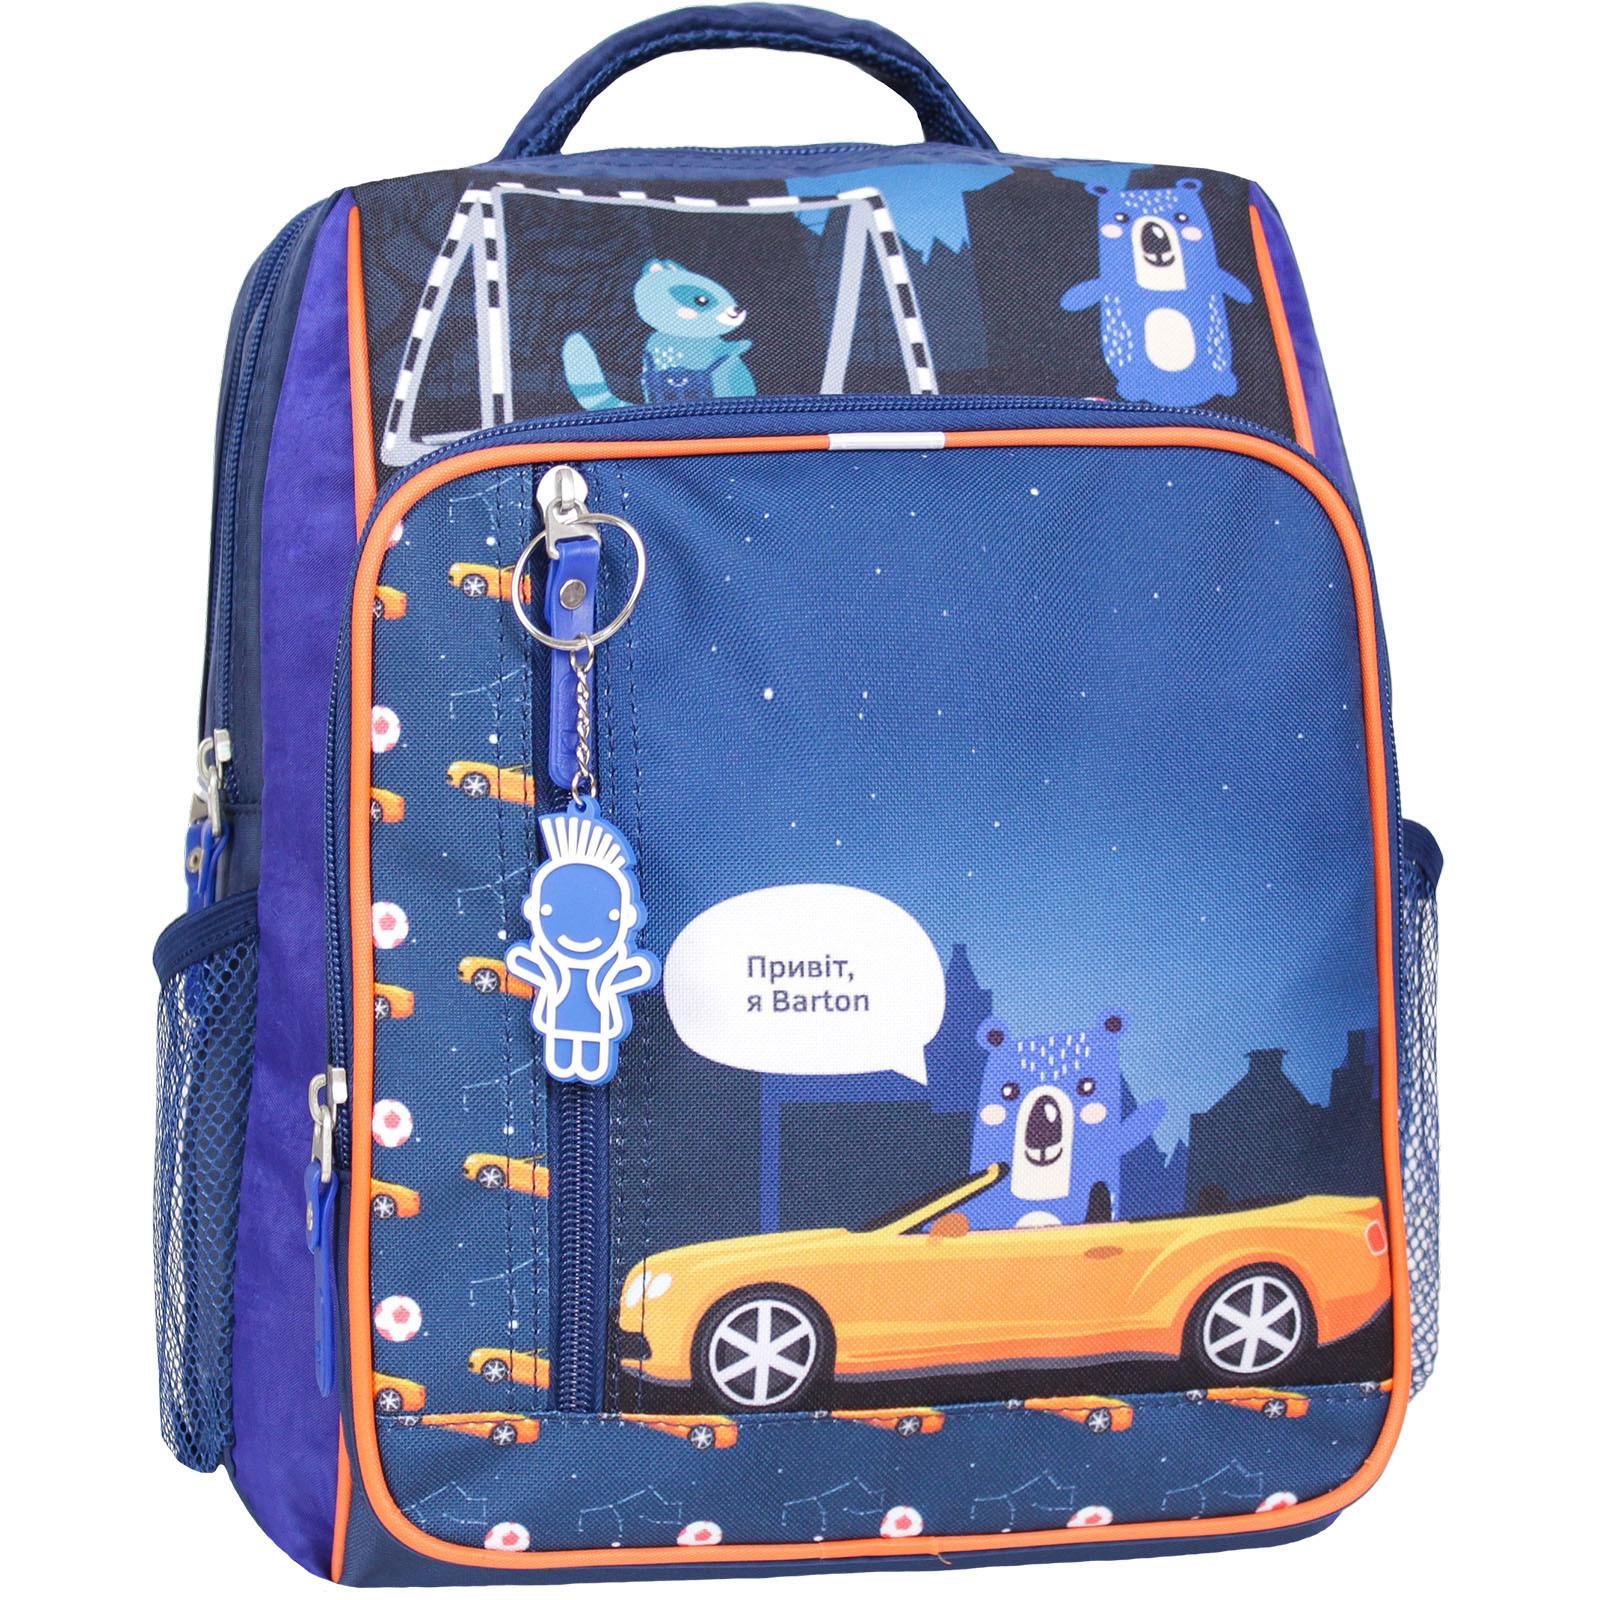 Школьные рюкзаки Рюкзак школьный Bagland Школьник 8 л. синий 432 (0012870) IMG_6489-1600-432.jpg